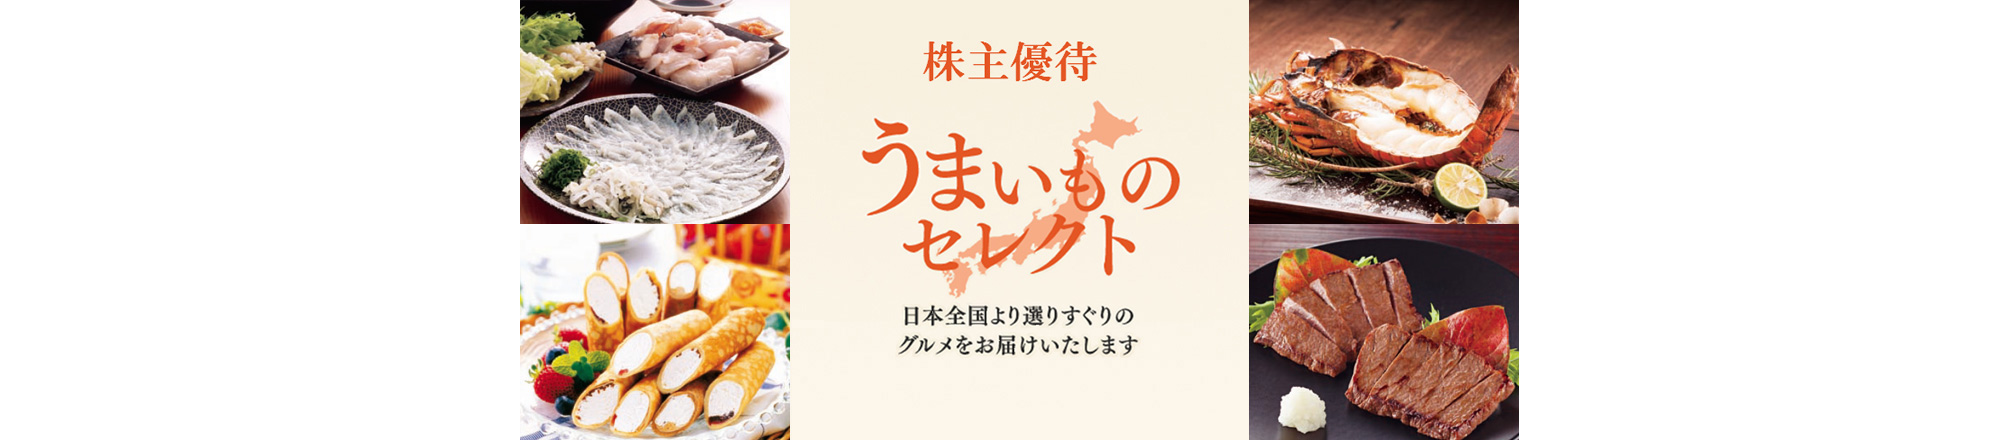 株主優待 うまいものセレクト 日本全国選りすぐりのグルメをお届けいたします